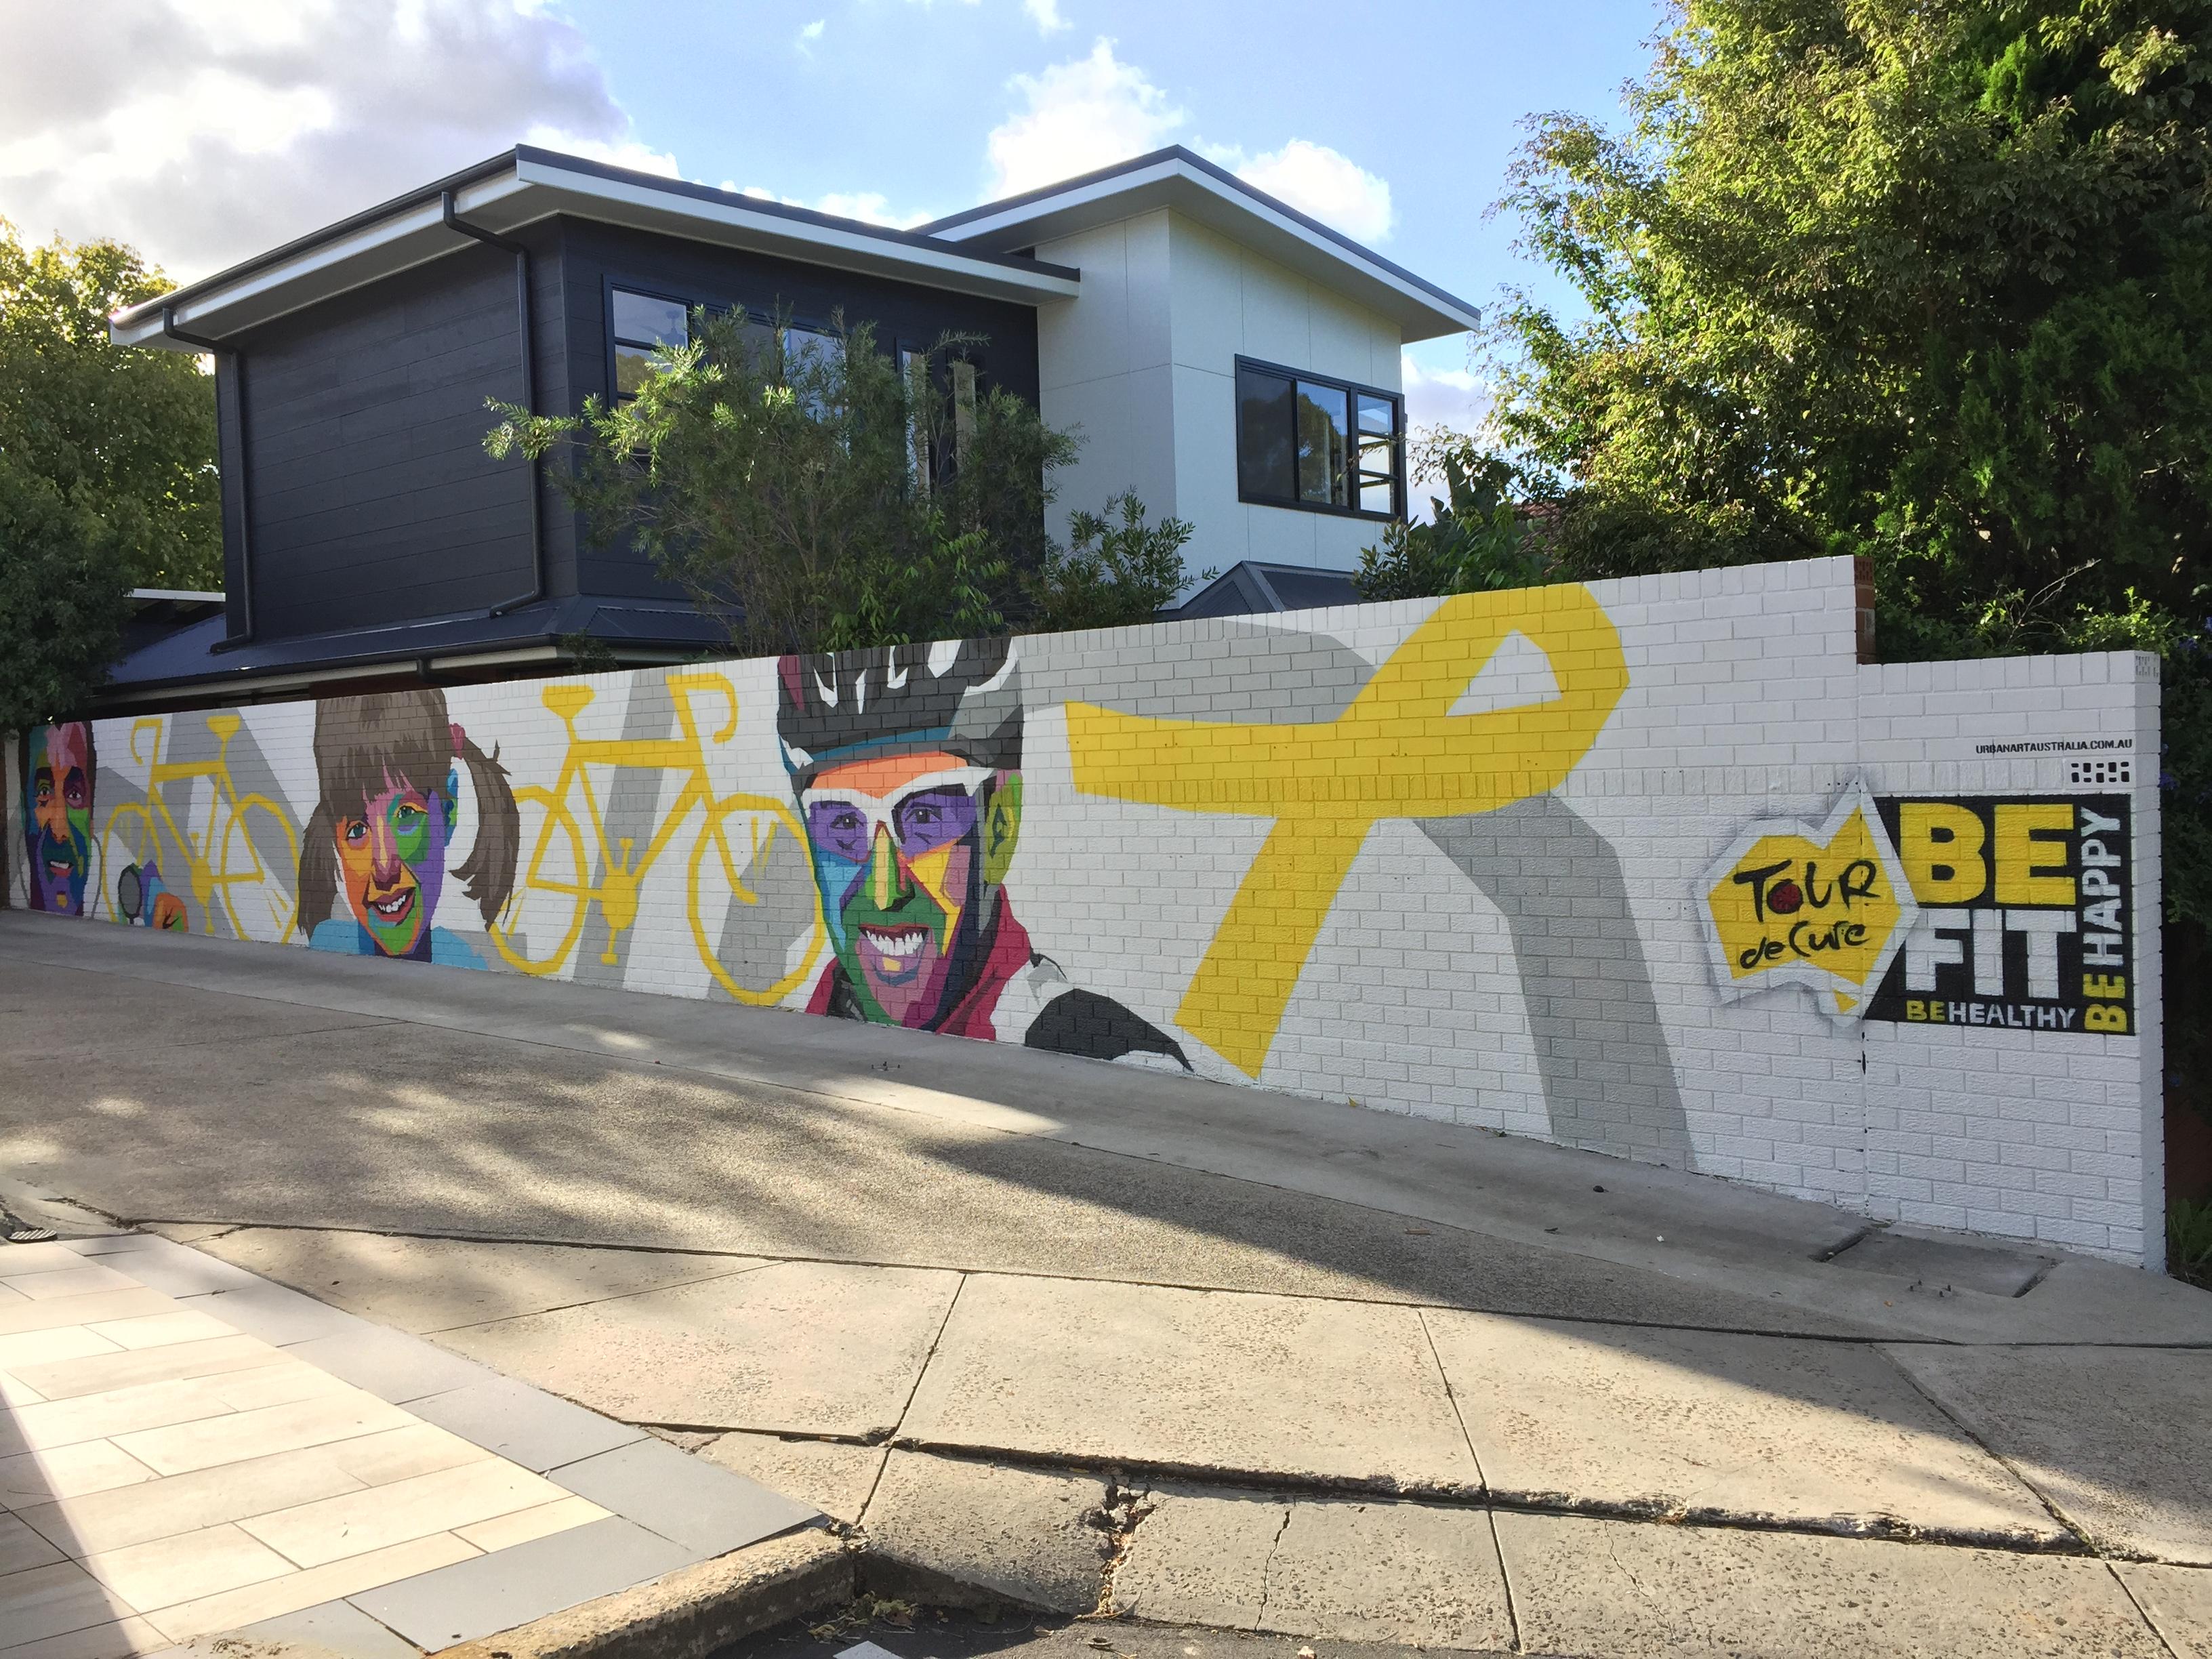 Tour De Cure street art mural